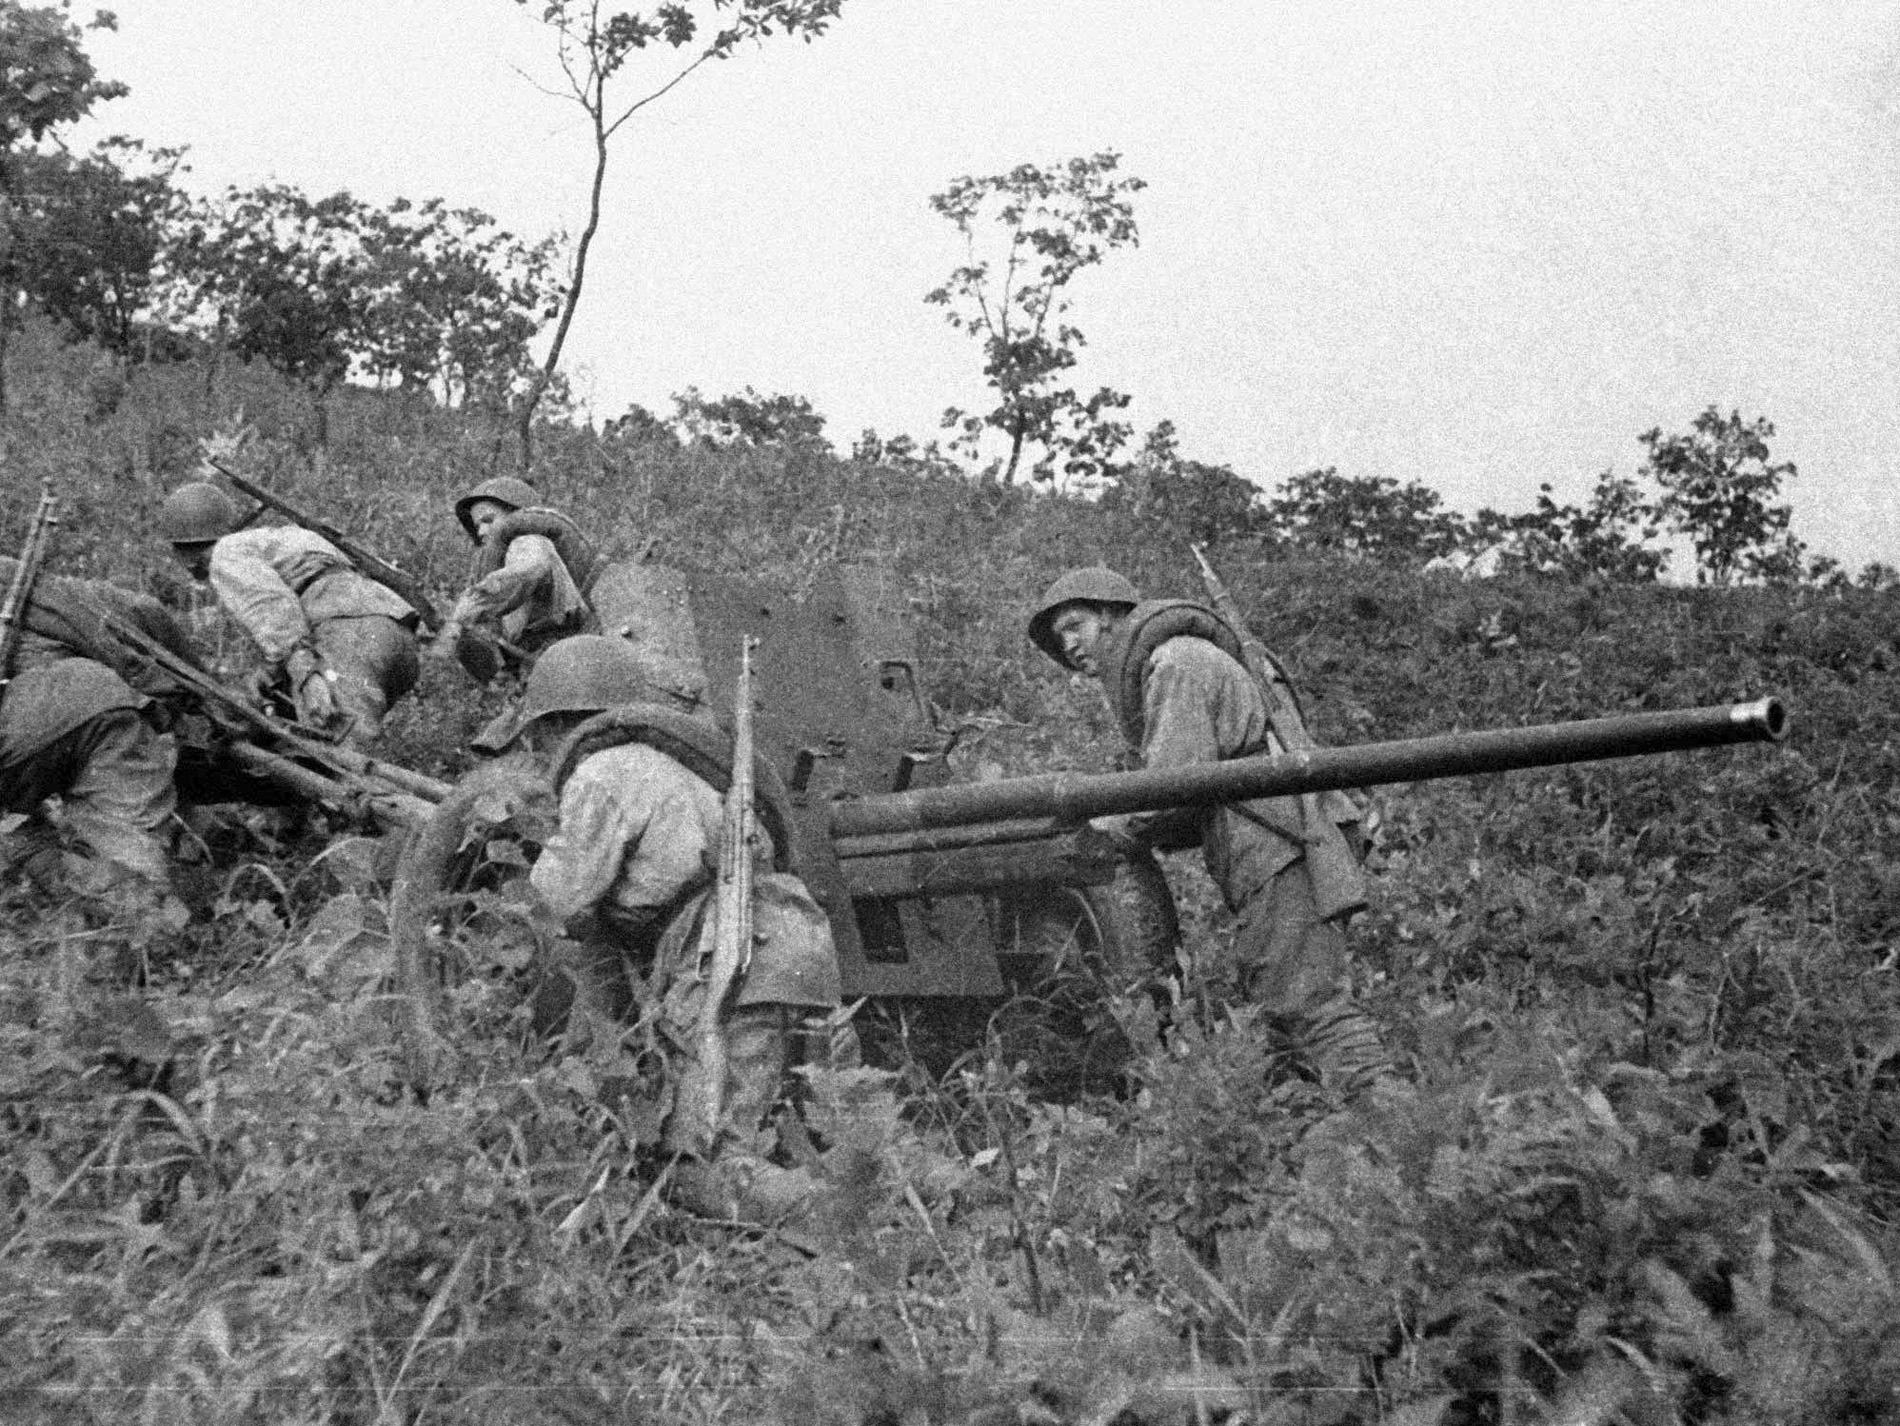 труды противотанковая оборона ссср фото давних